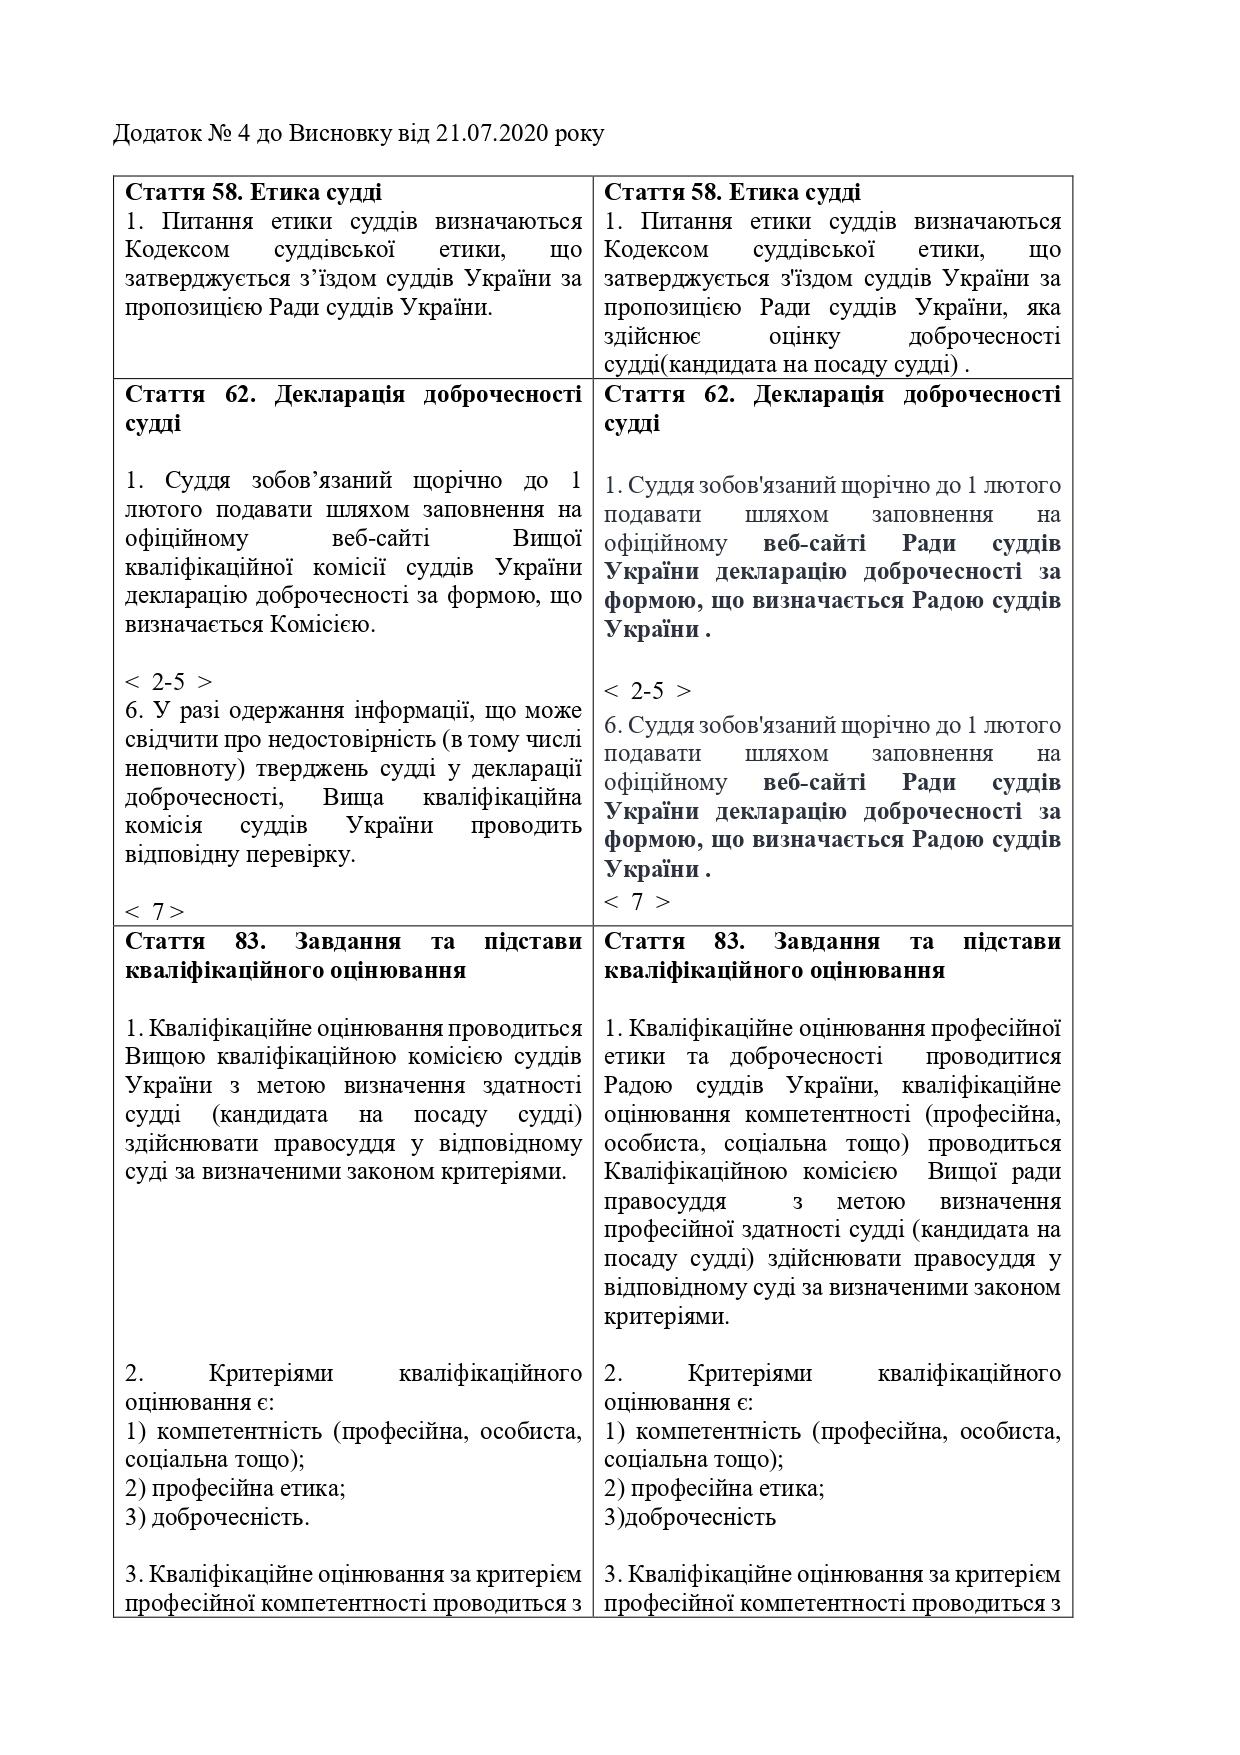 Висновок-АРССУ-щодо-№ 3534-21.07.2020_page-0029